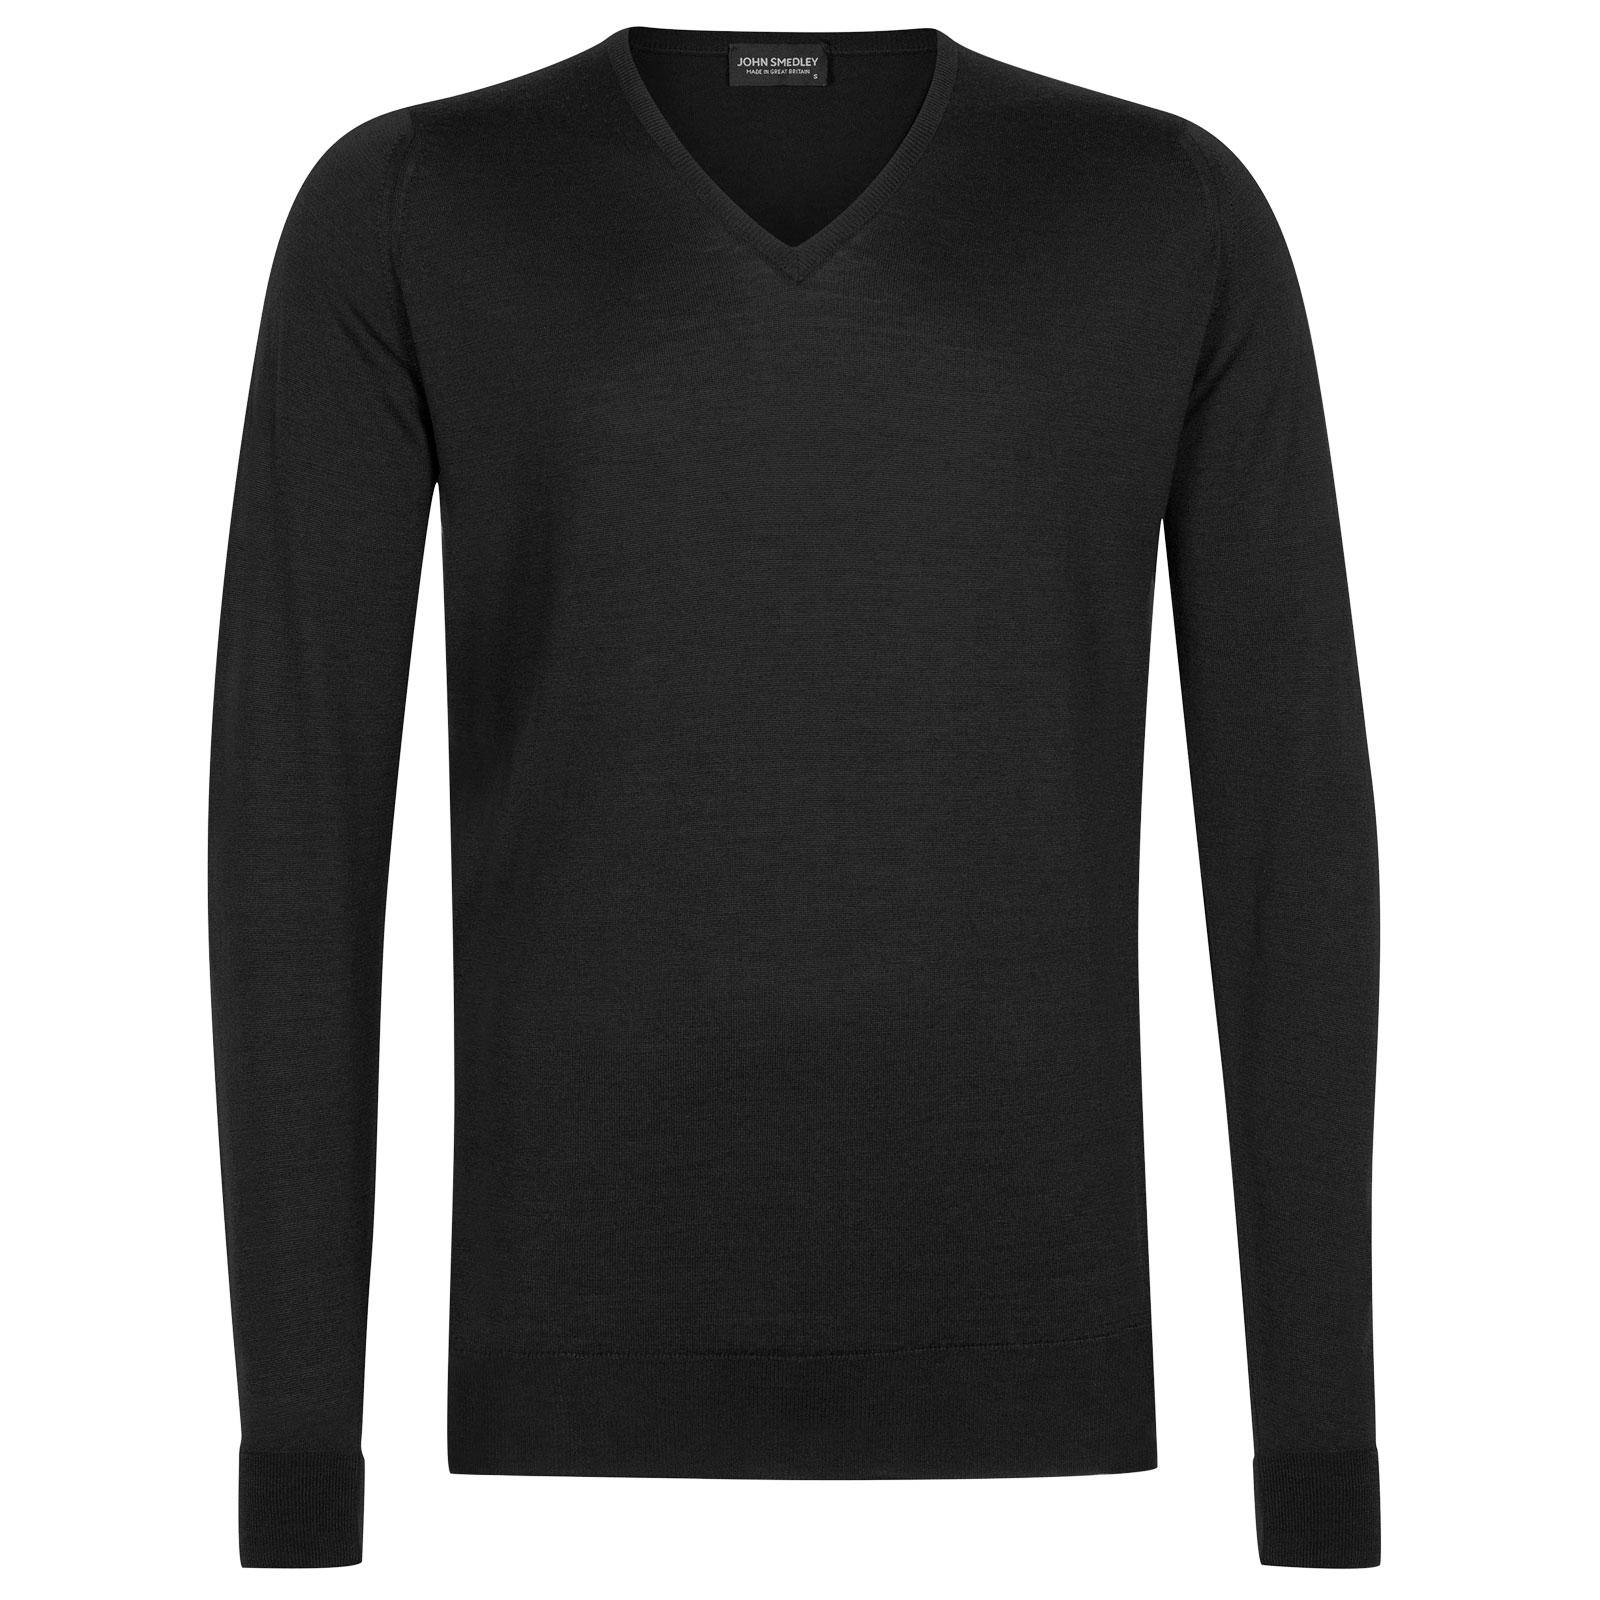 John Smedley Blenheim Merino Wool Pullover in Black-S